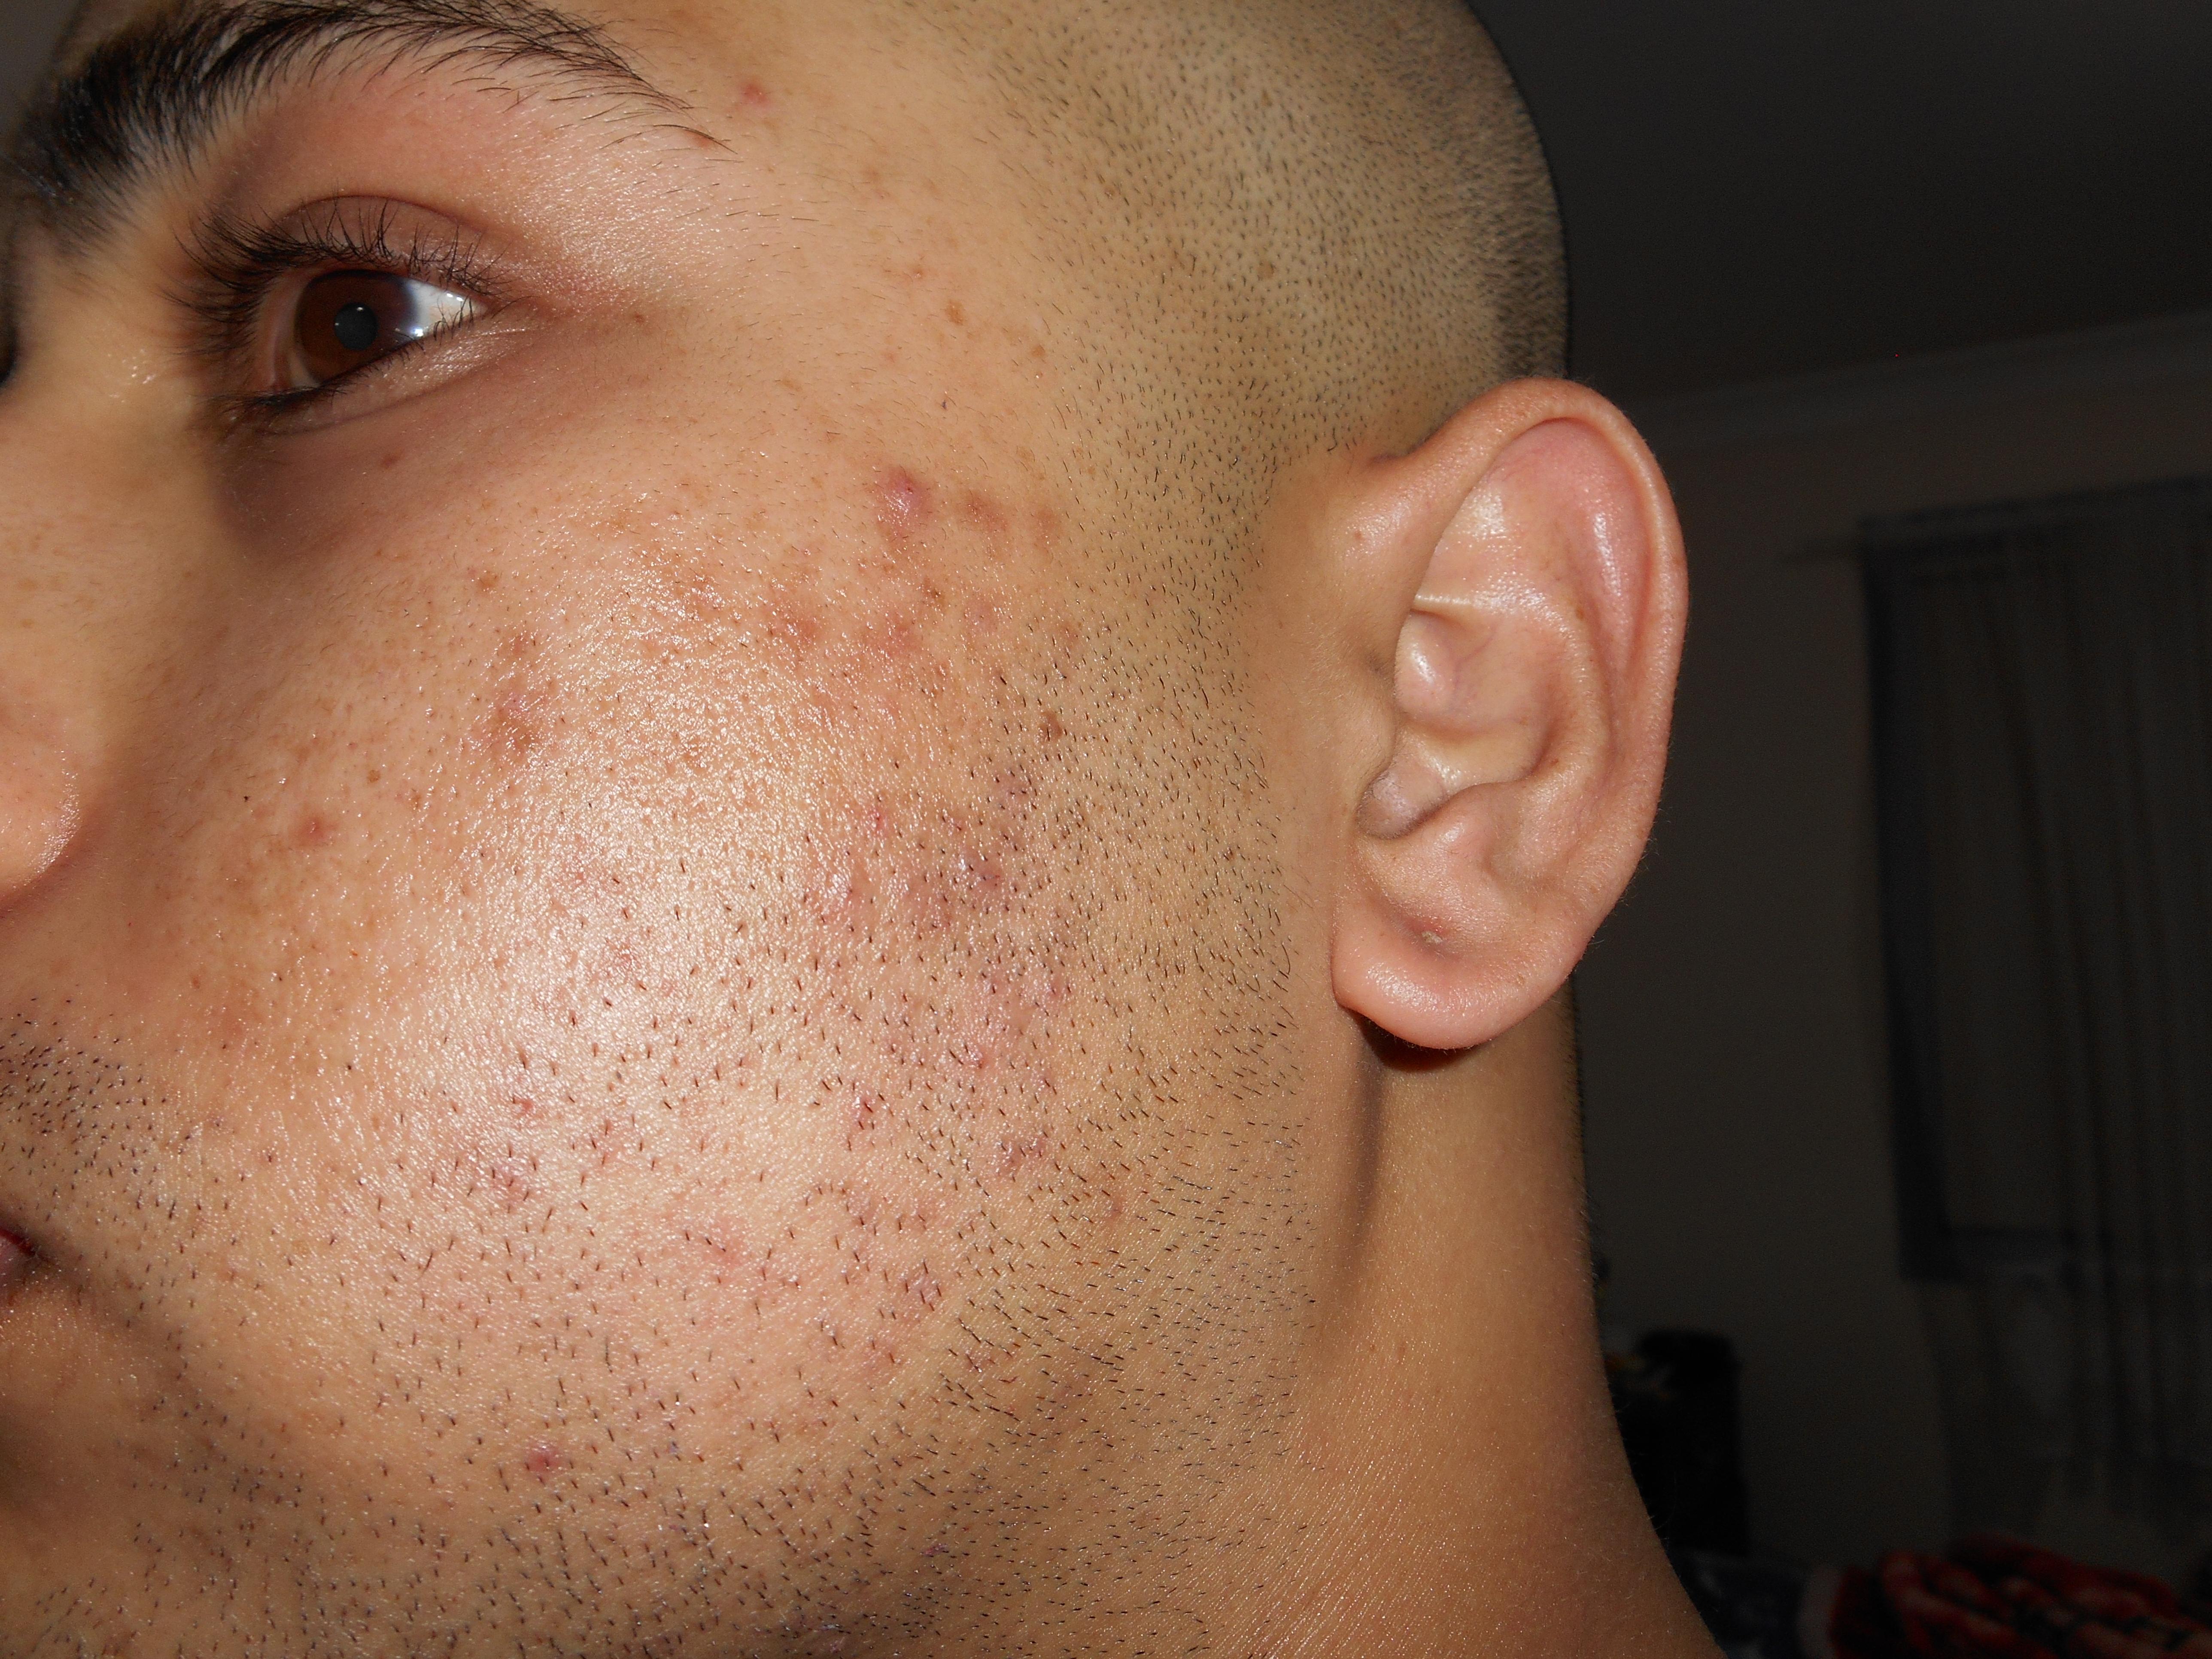 Maschere efficaci a partire da un tempo su una faccia